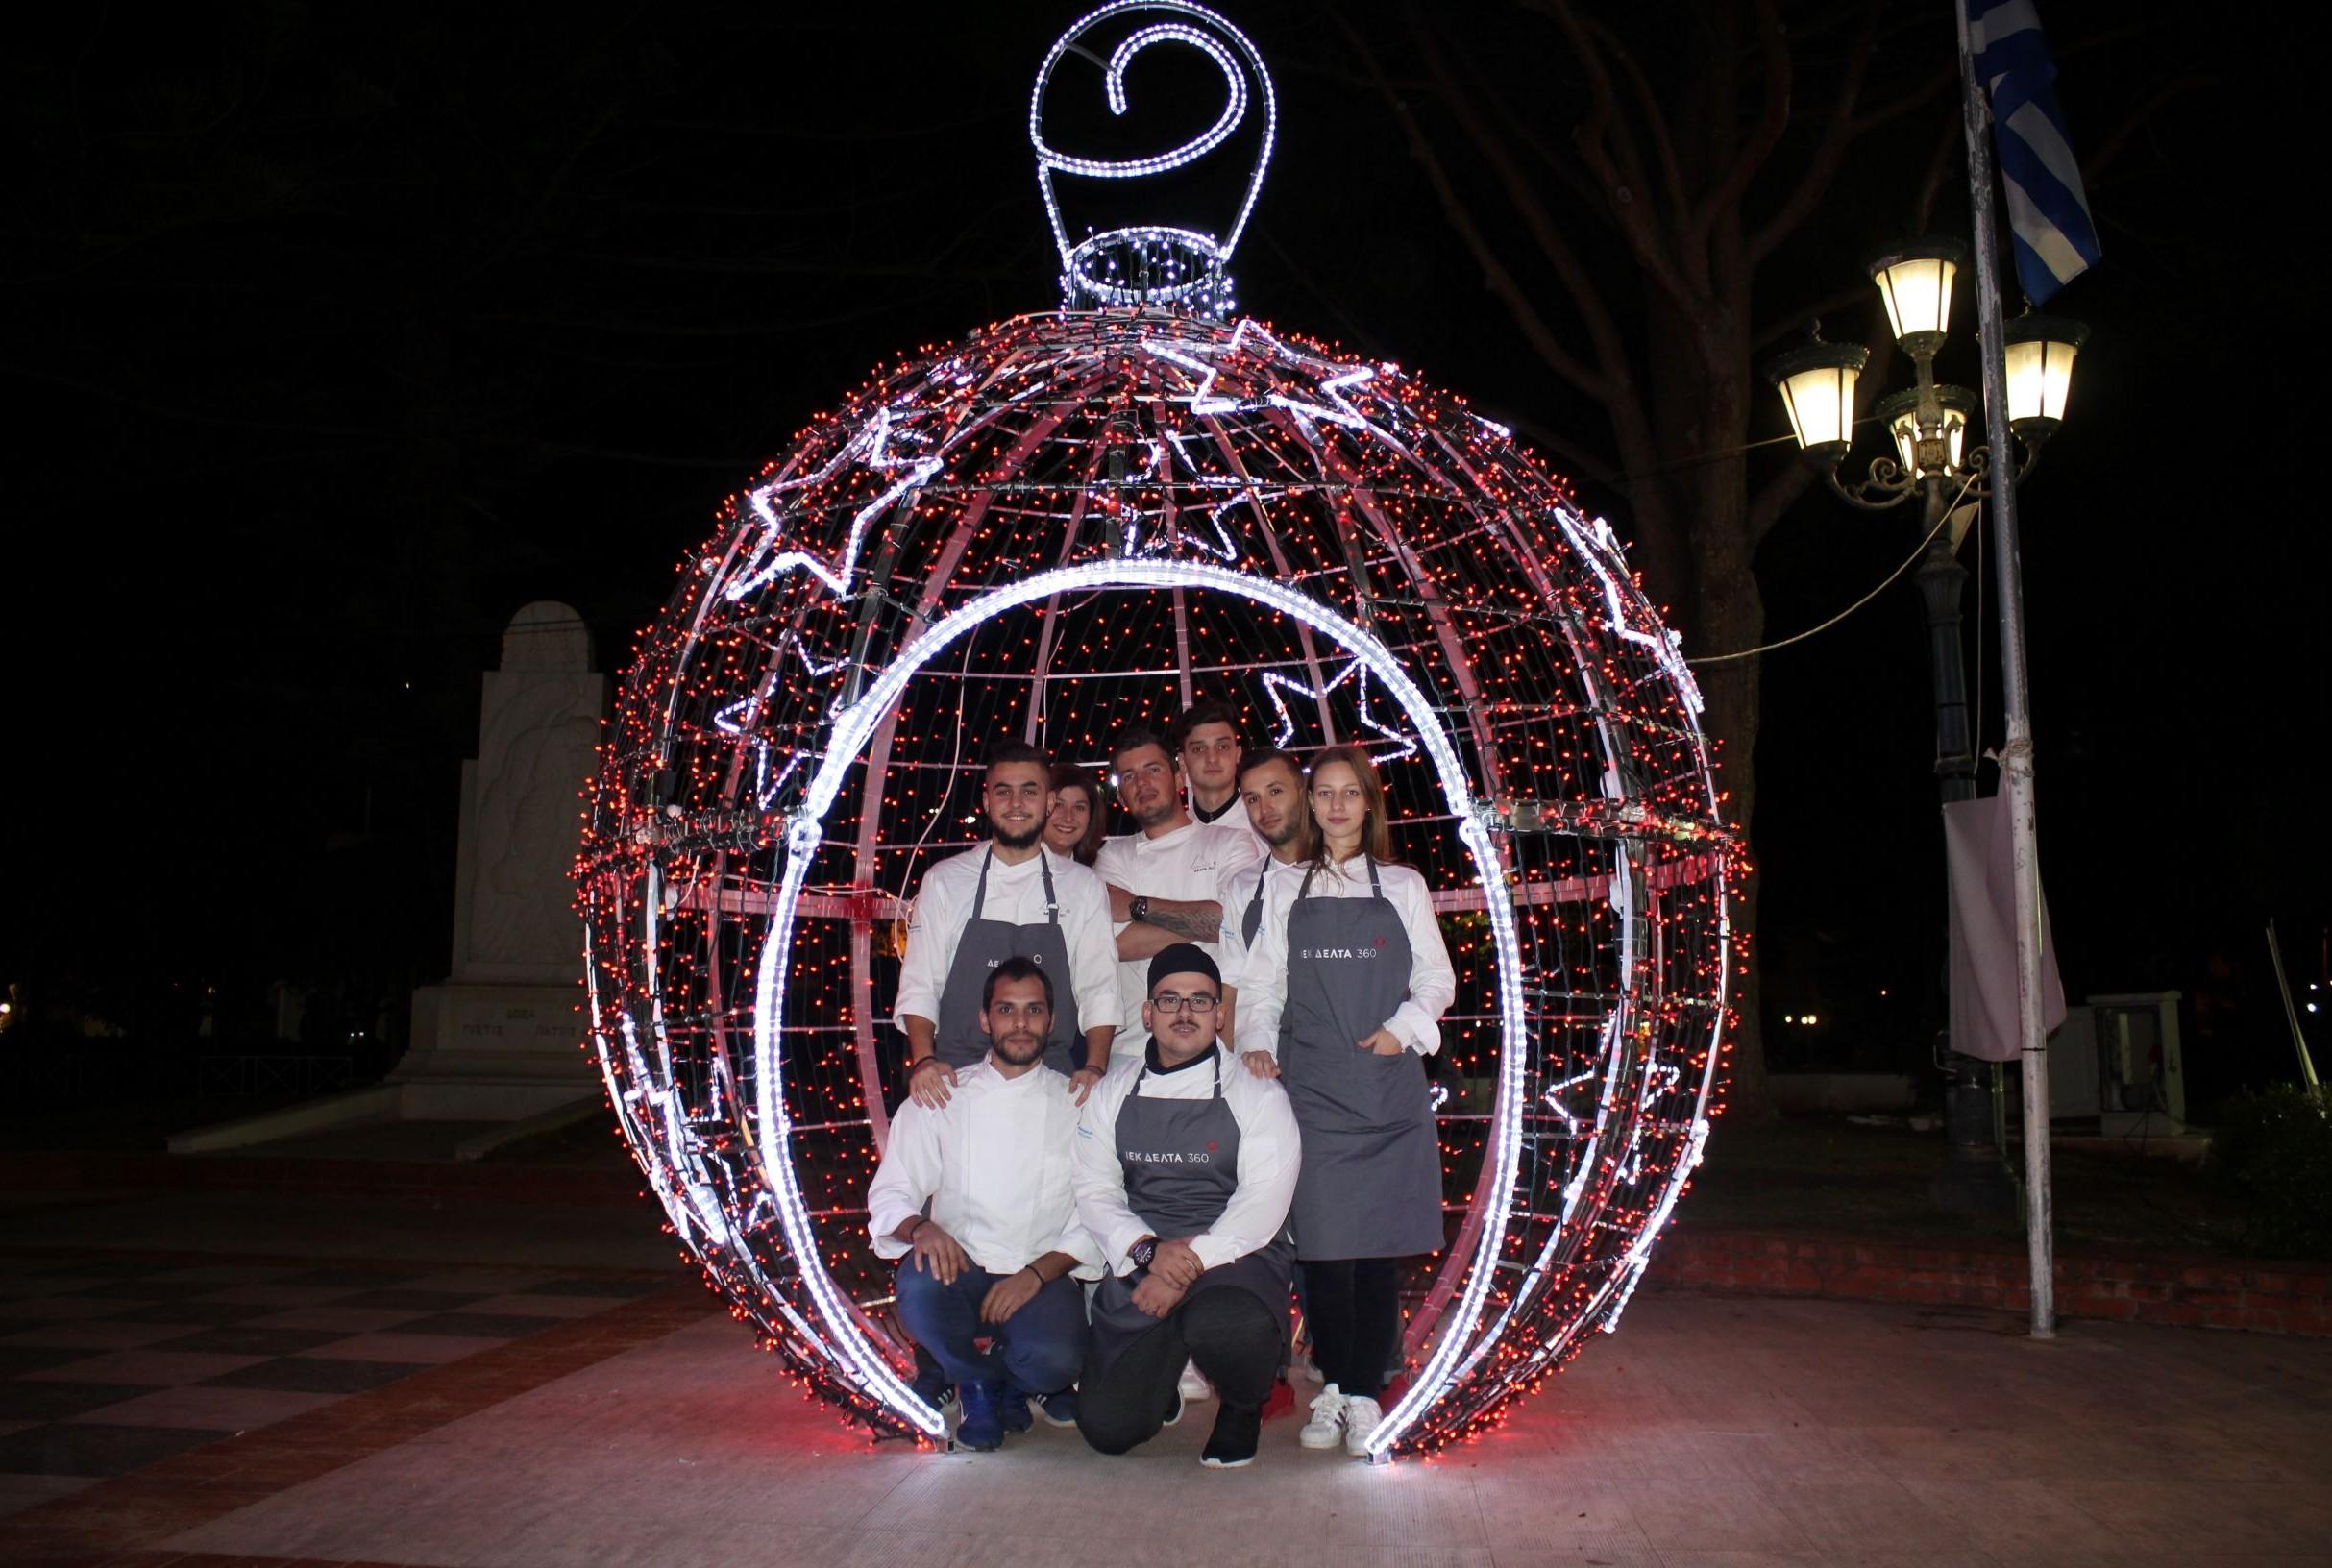 Στο κυνήγι… των χριστουγεννιάτικων δέντρων!